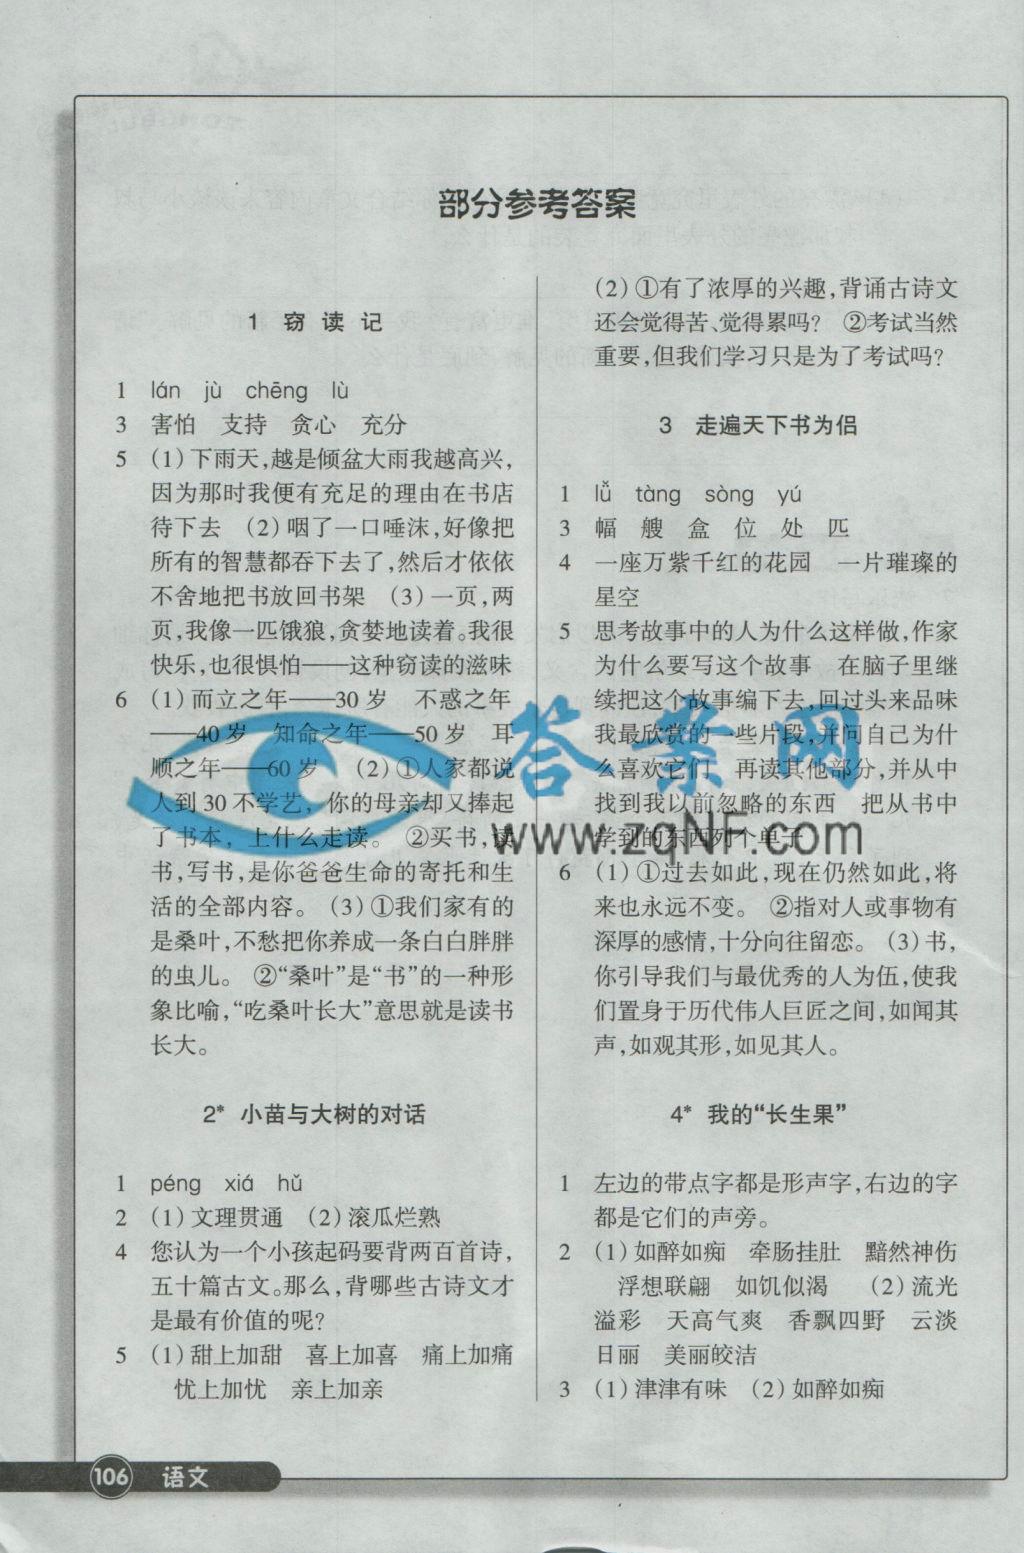 同步练习五年级语文上册人教养版浙江教养育出产版社恢复案第1页恢复案